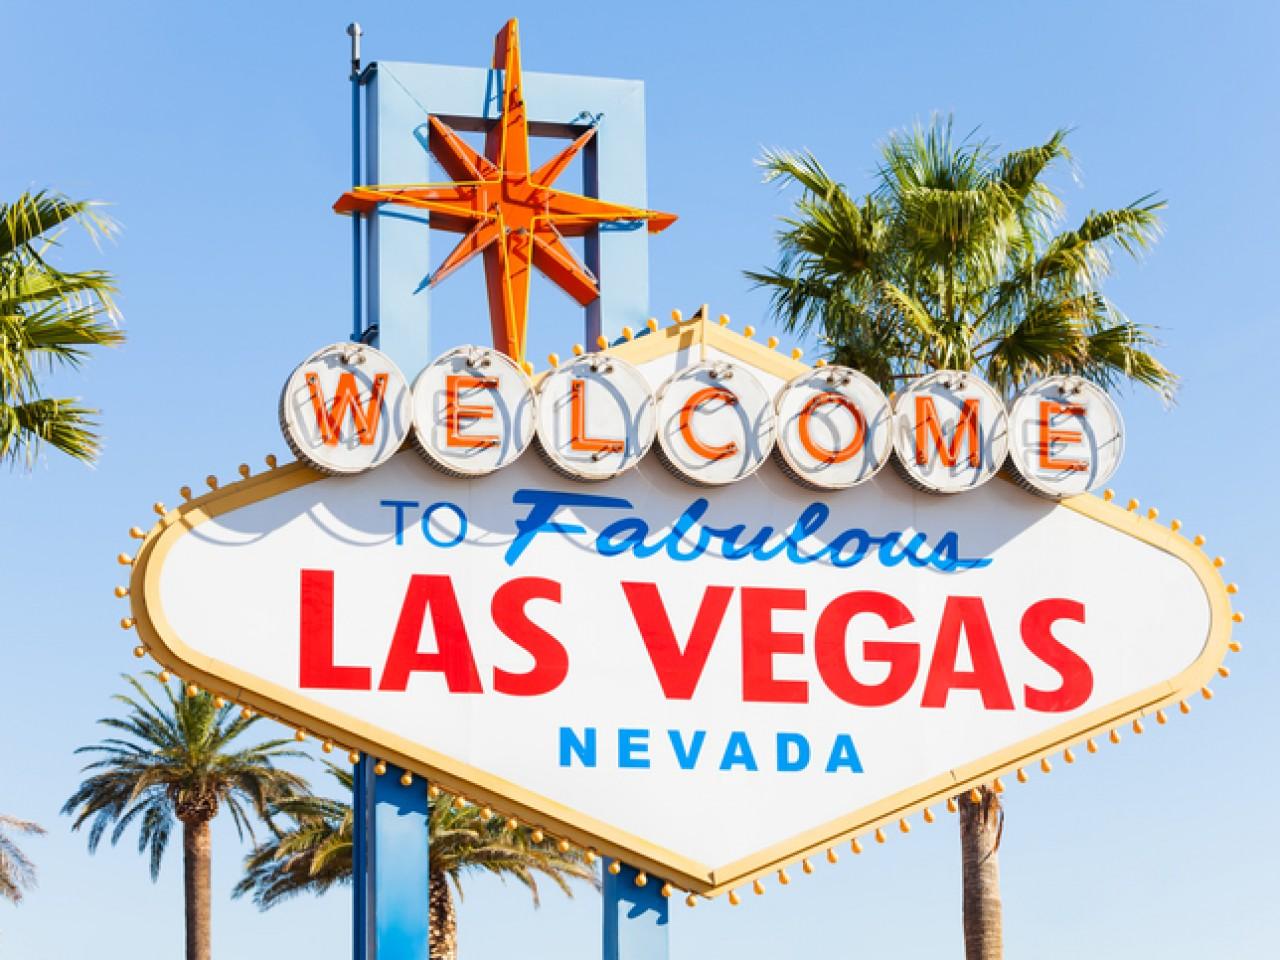 Las Vegas Theatre and Cabaret